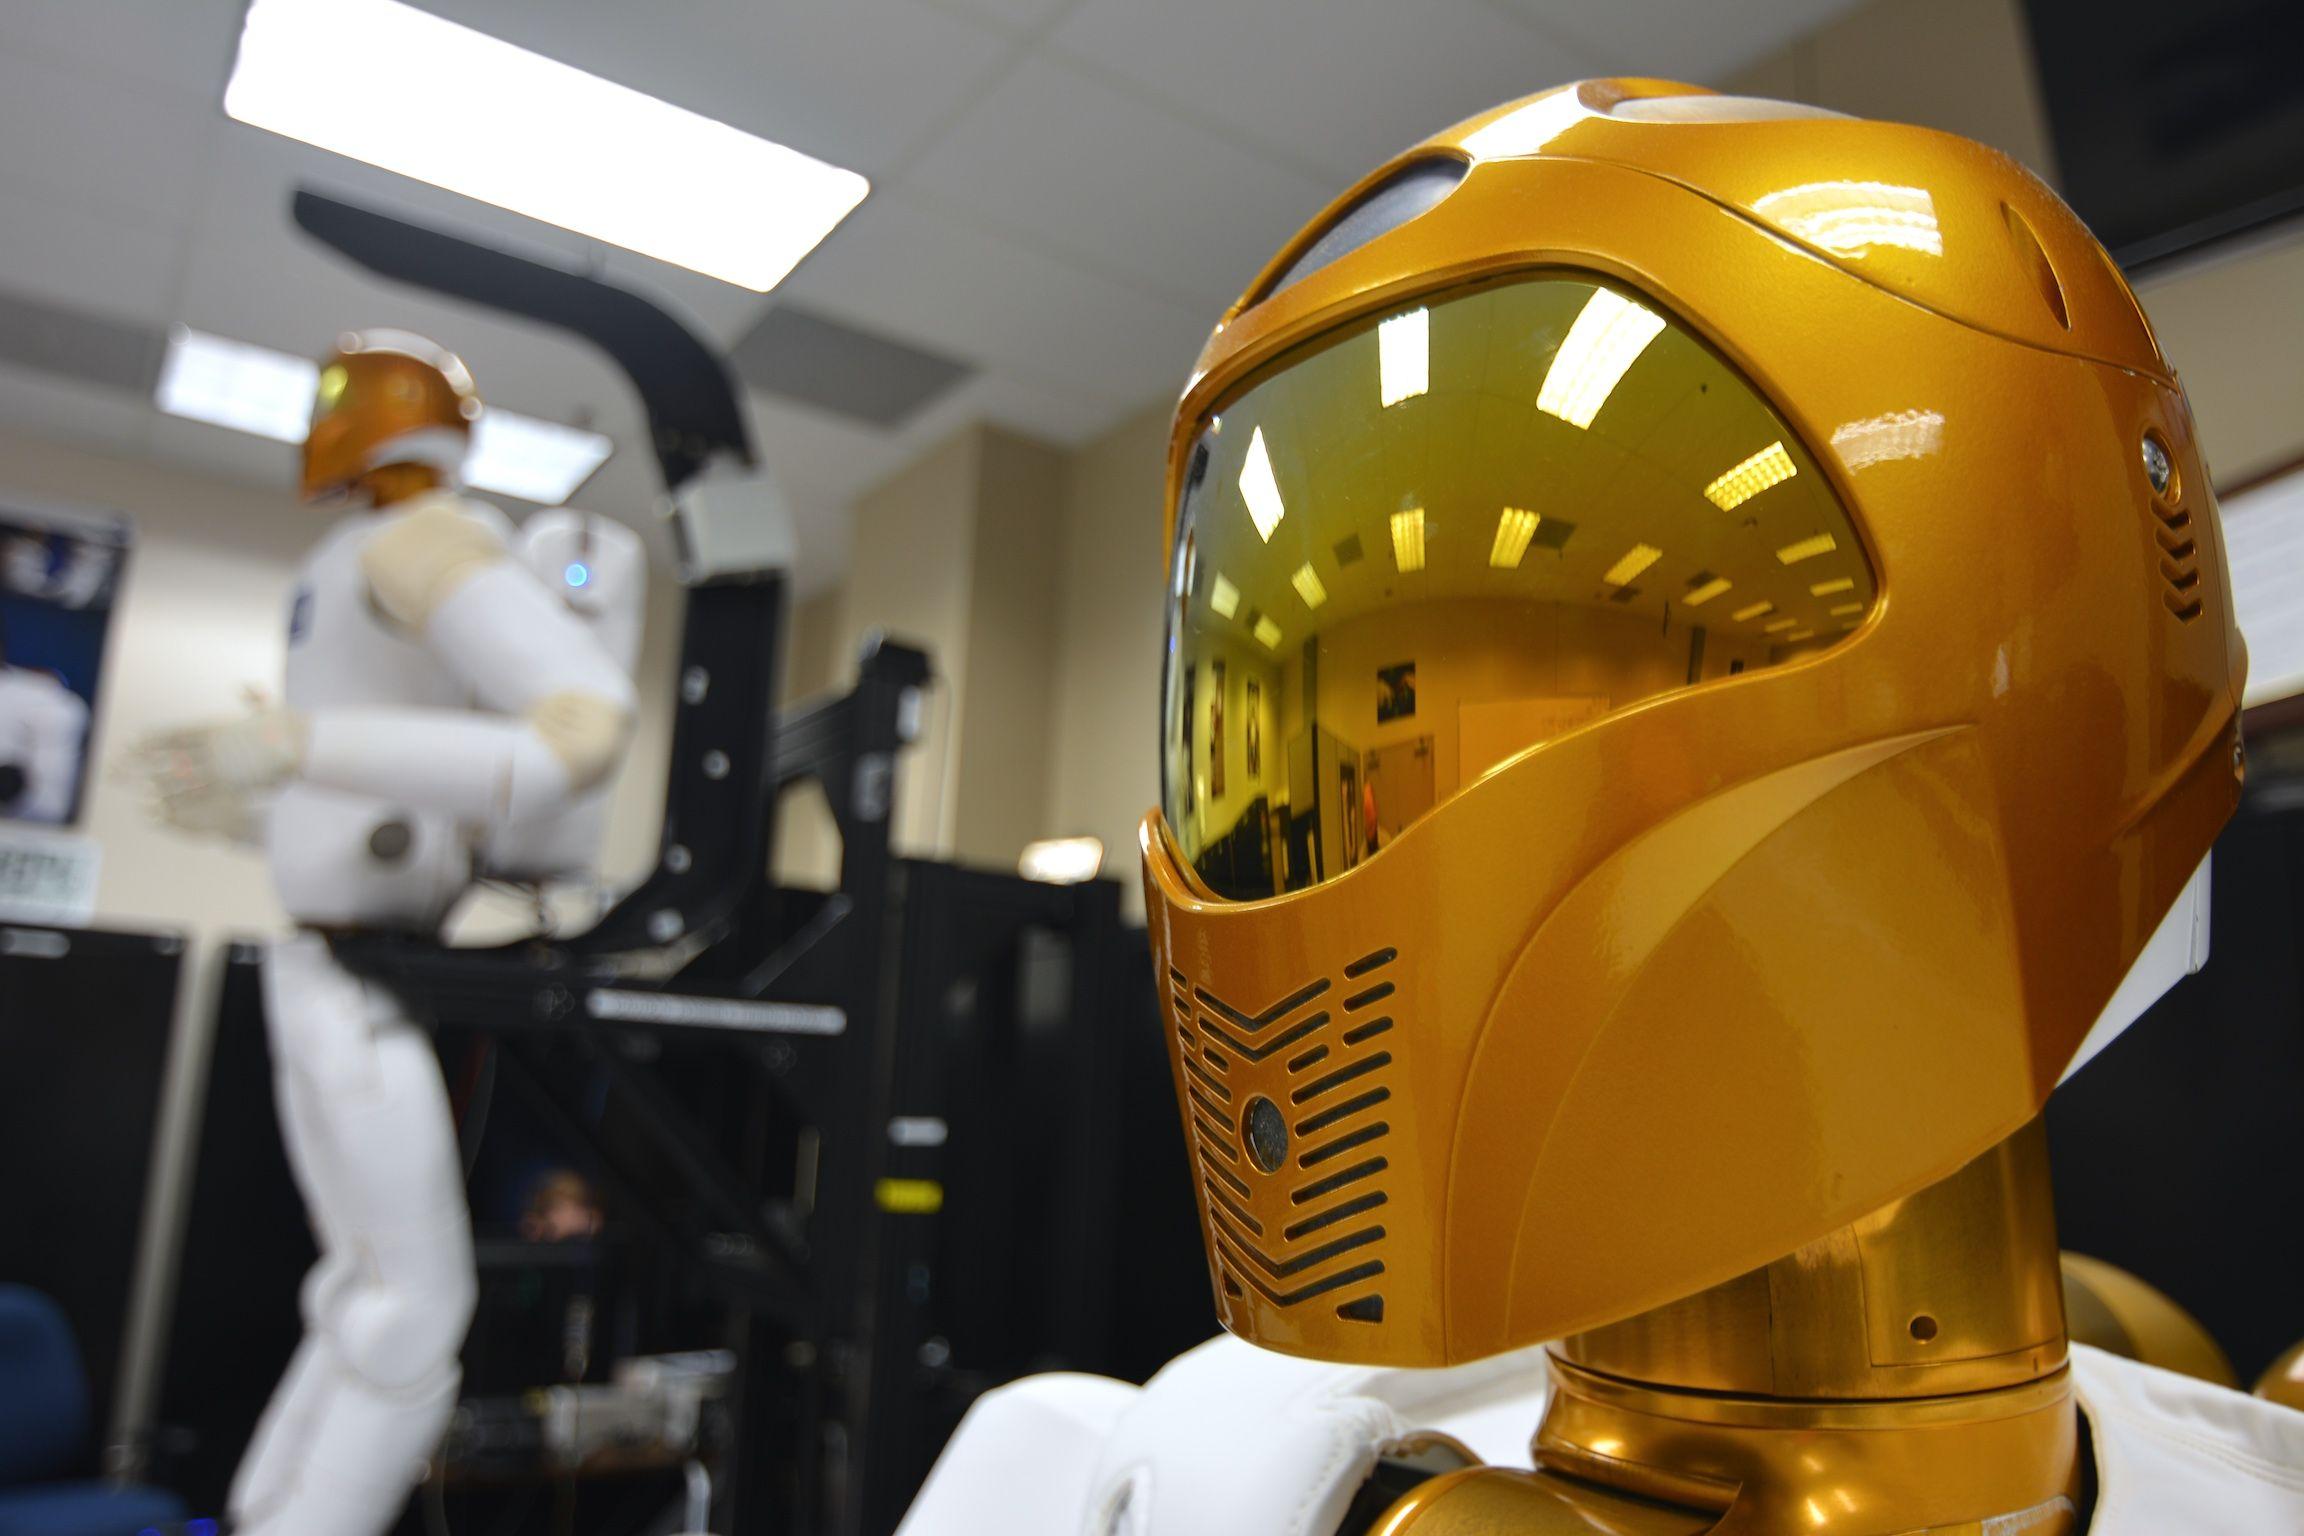 NASA's Robonaut